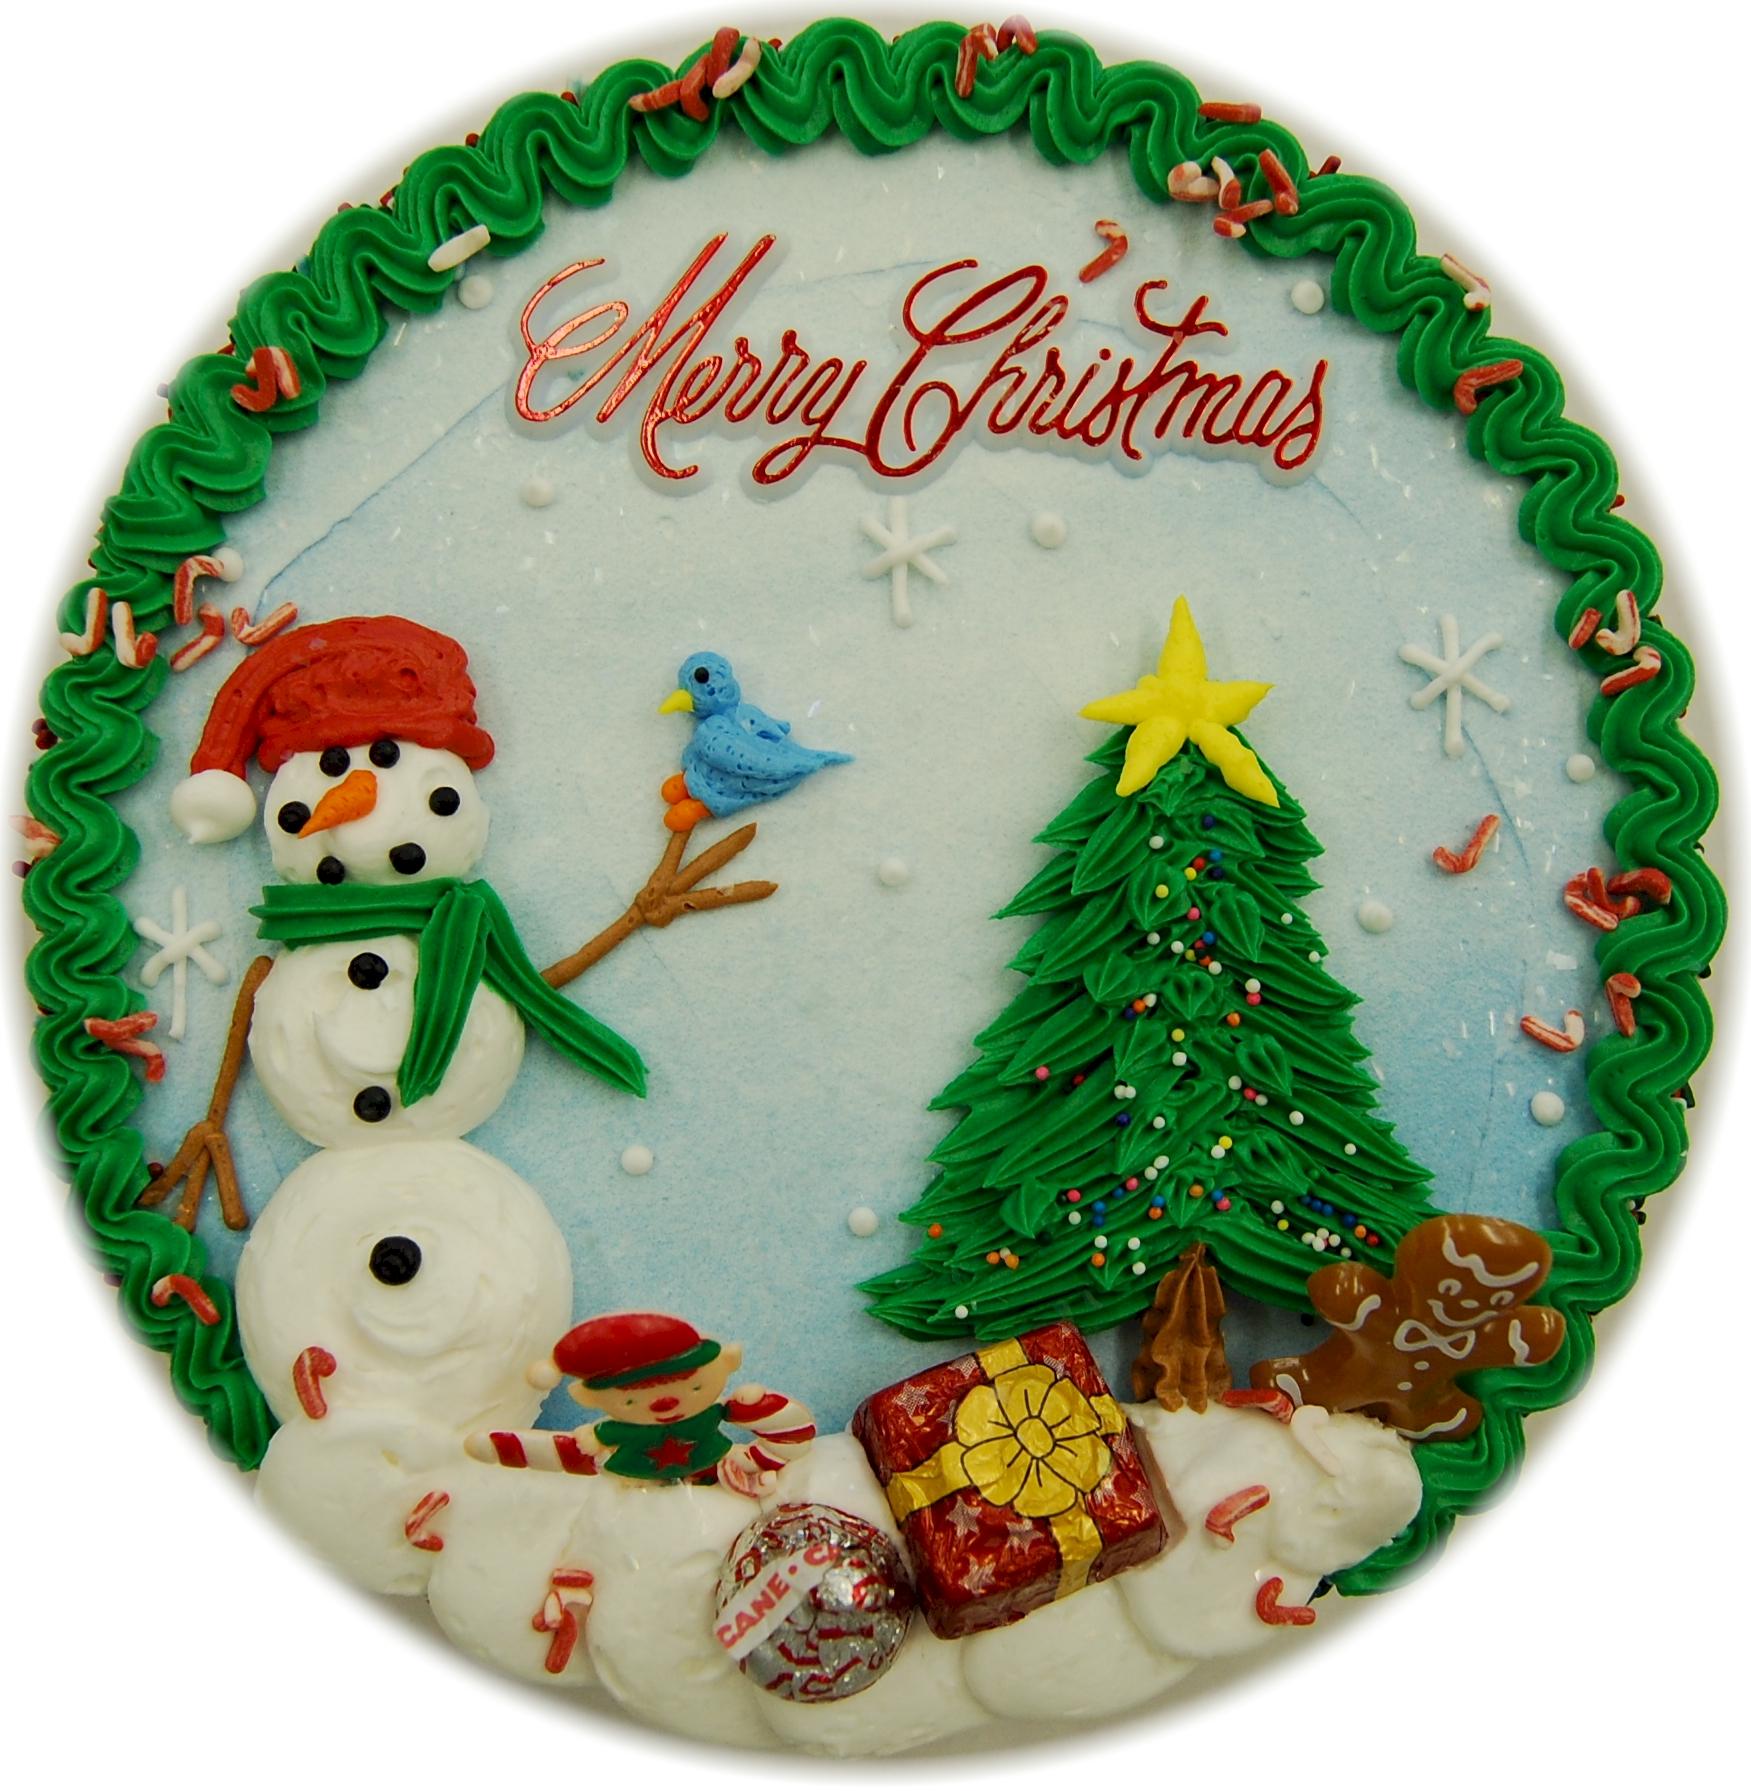 Christmas Fleckenstein S Bakery Mokena Illinois